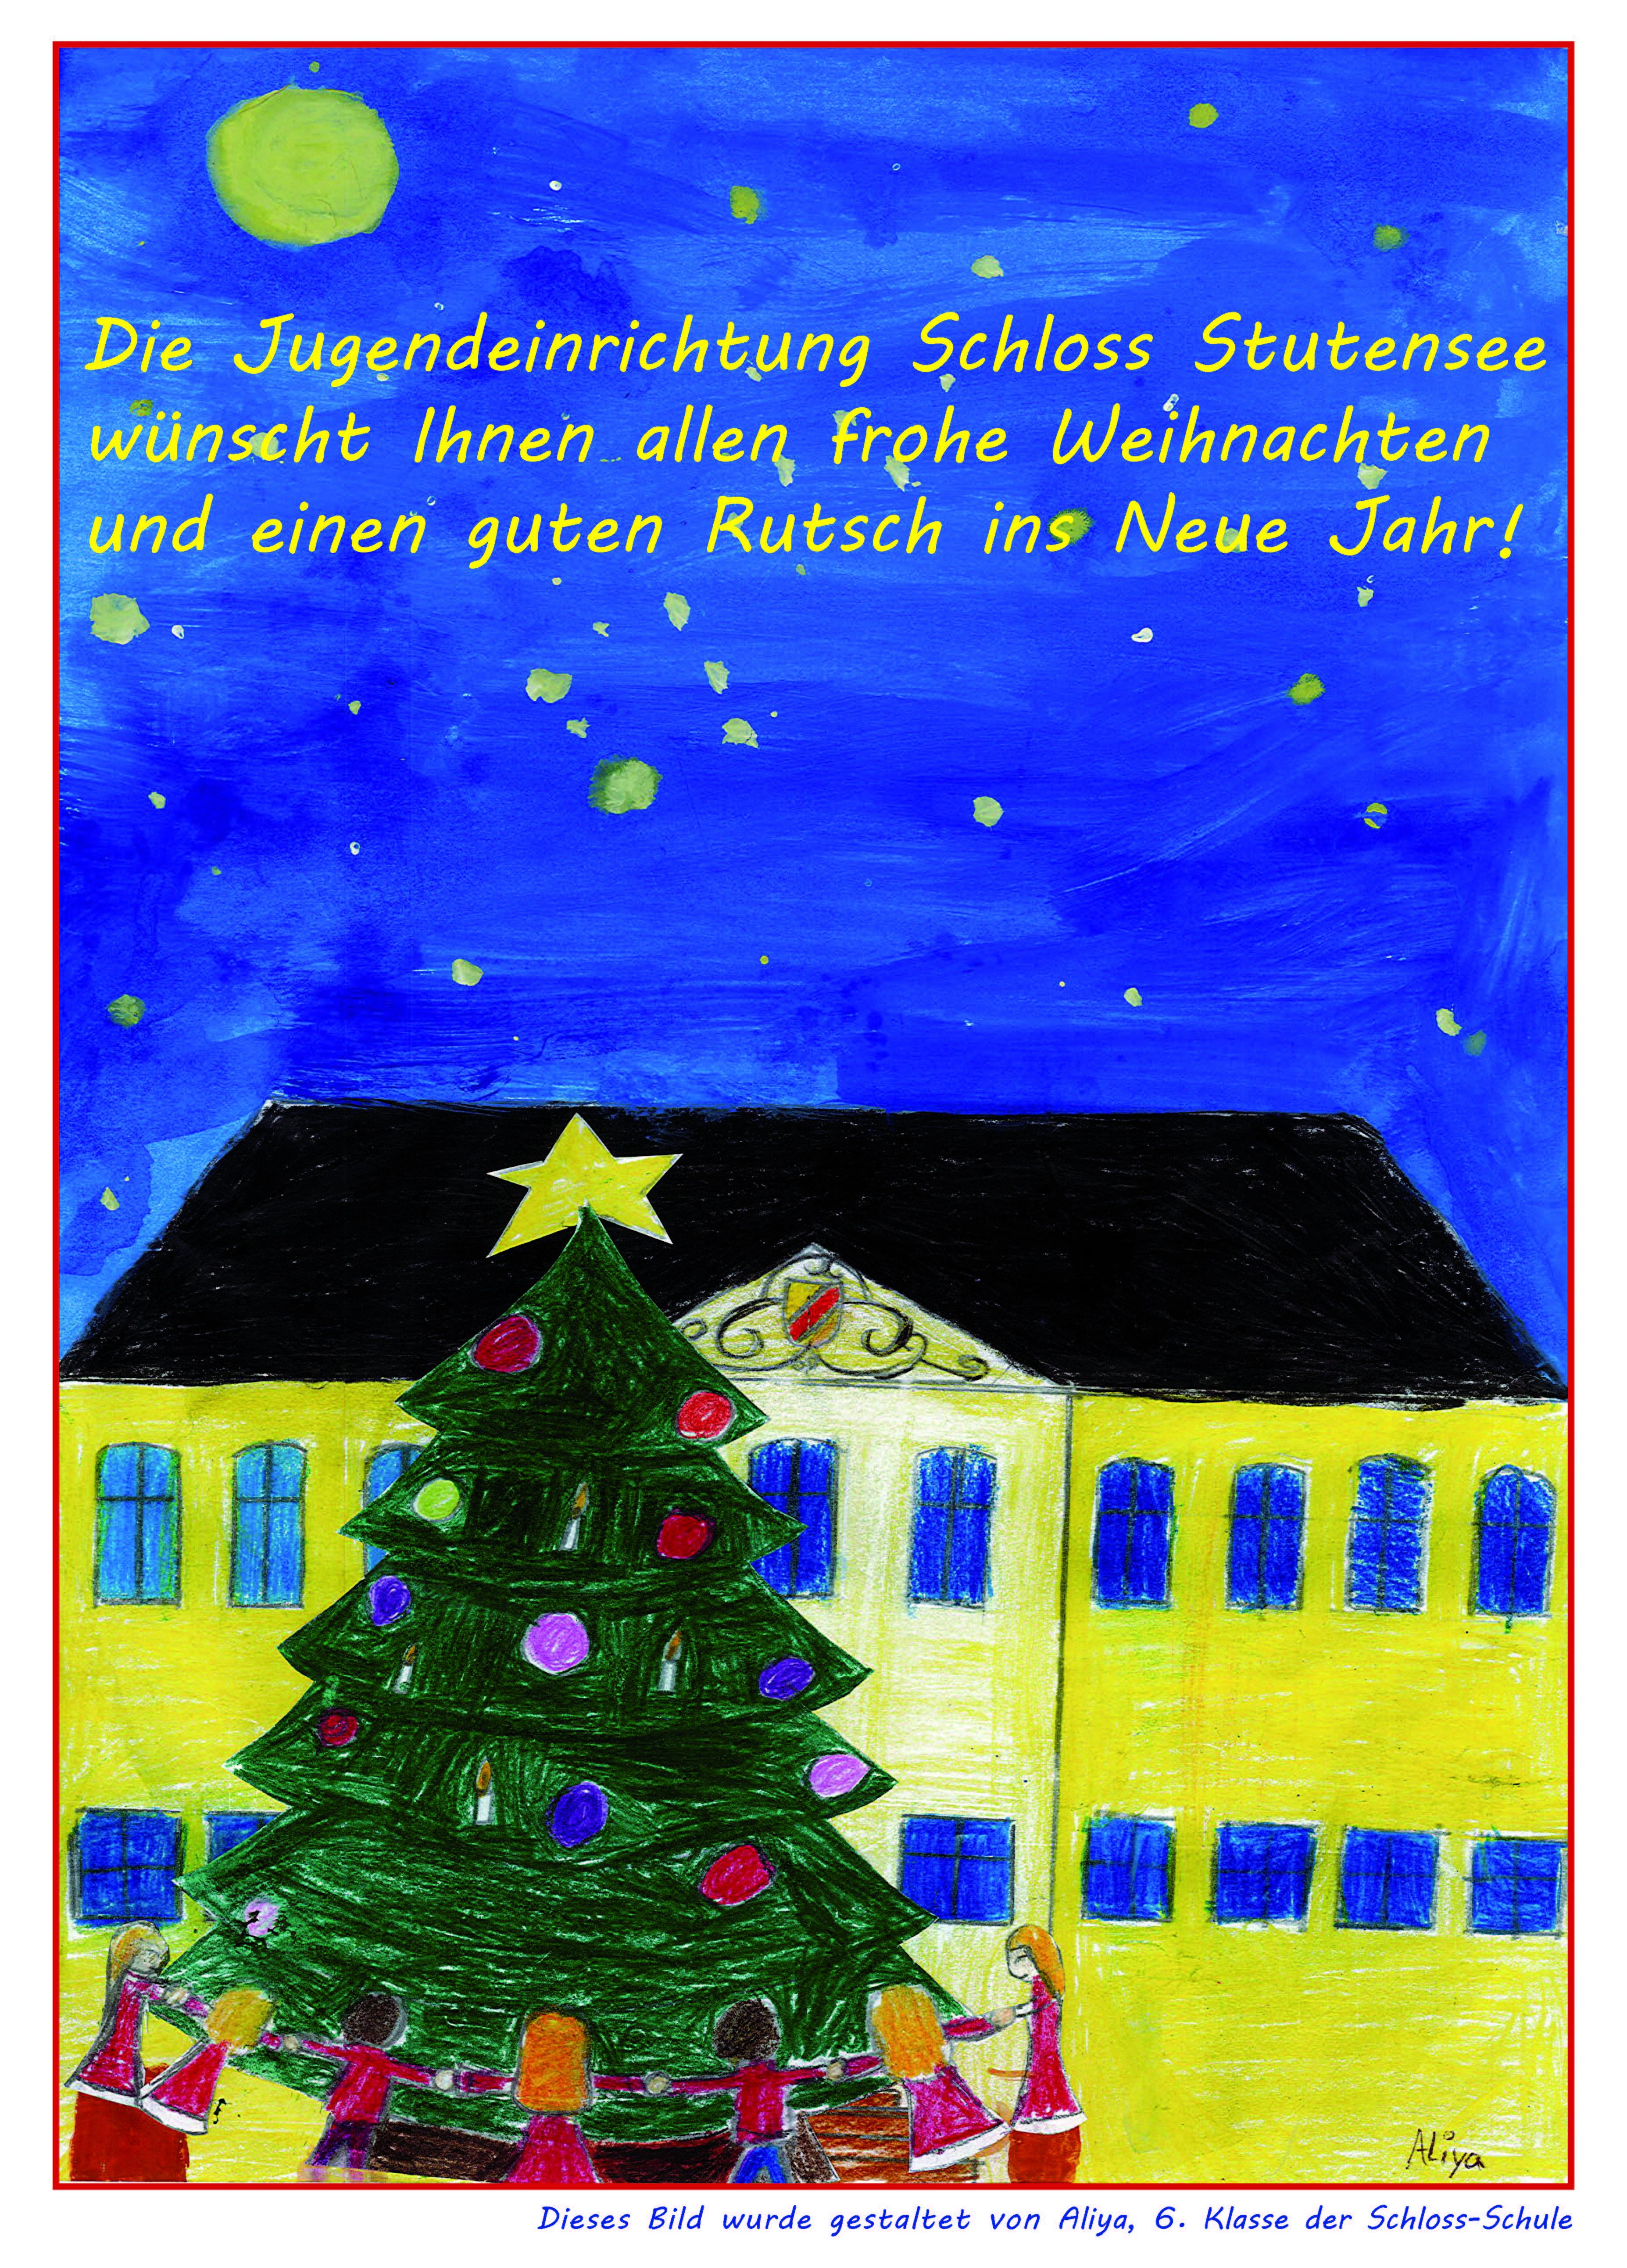 Frohe Weihnachtsgrüße.Frohe Weihnachten Jugendeinrichtung Schloss Stutensee Hilfe Für